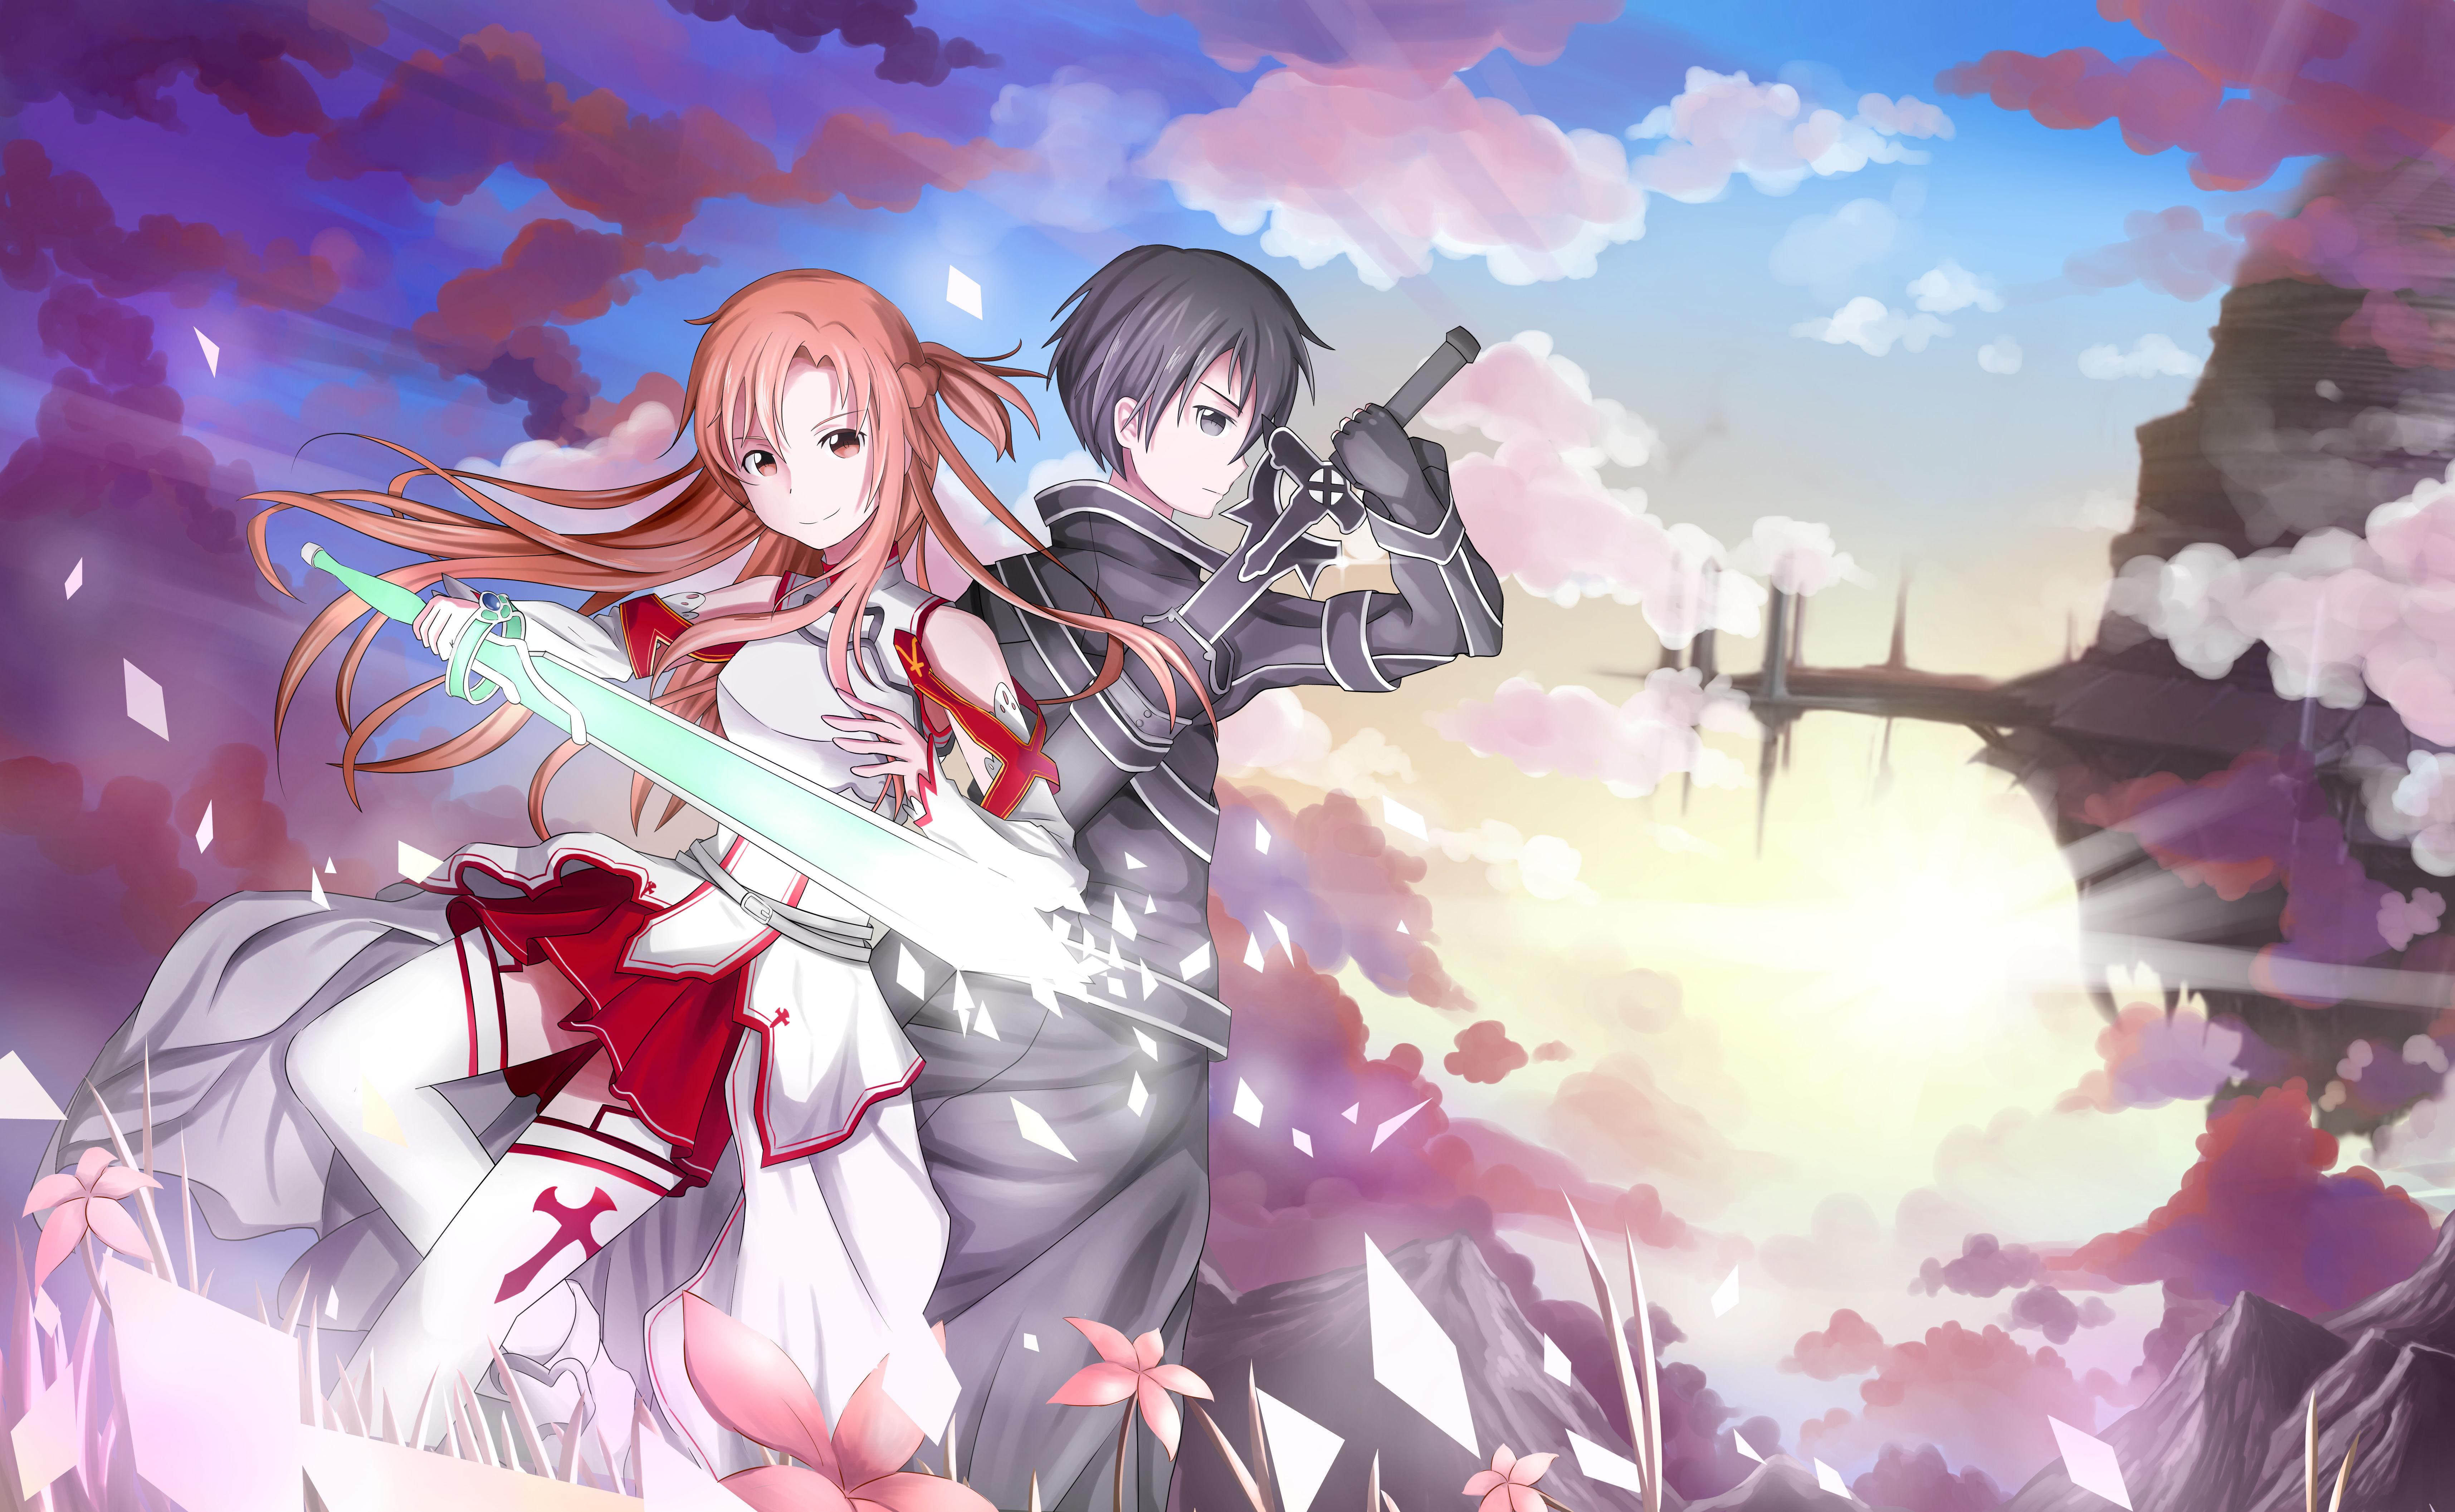 Sword art online by White Mochi